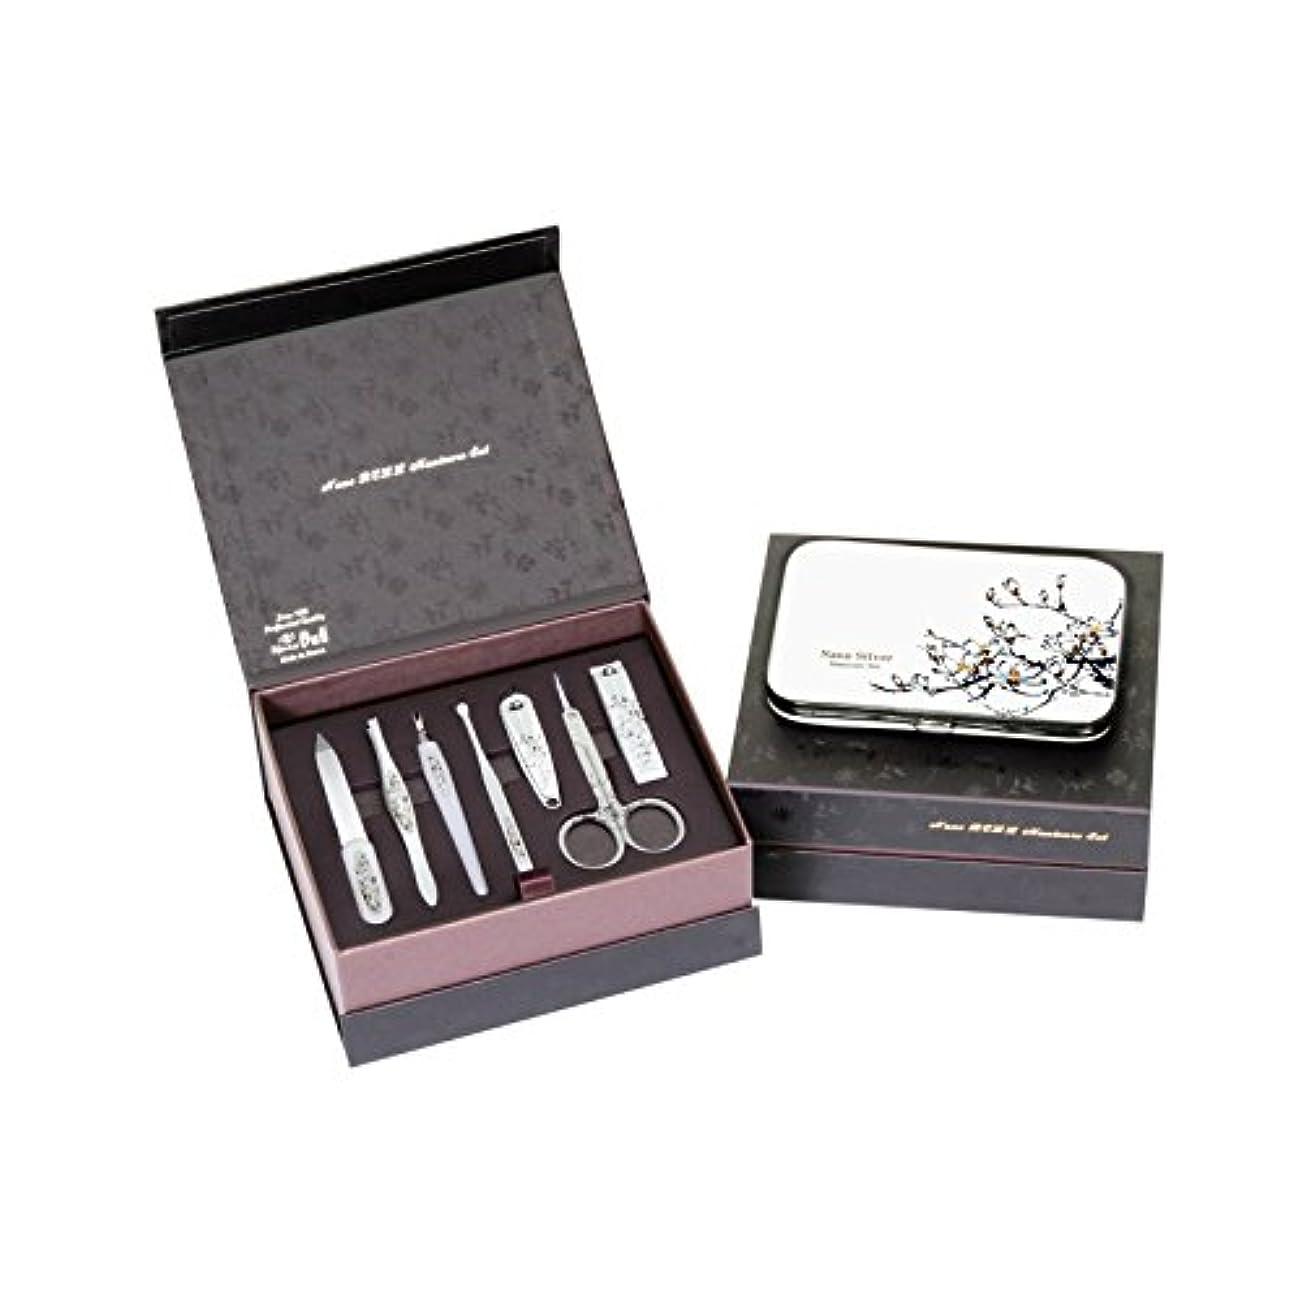 トマト請負業者効果METAL BELL Manicure Sets BN-8177A ポータブル爪の管理セット爪切りセット 高品質のネイルケアセット高級感のある東洋画のデザイン Portable Nail Clippers Nail Care...